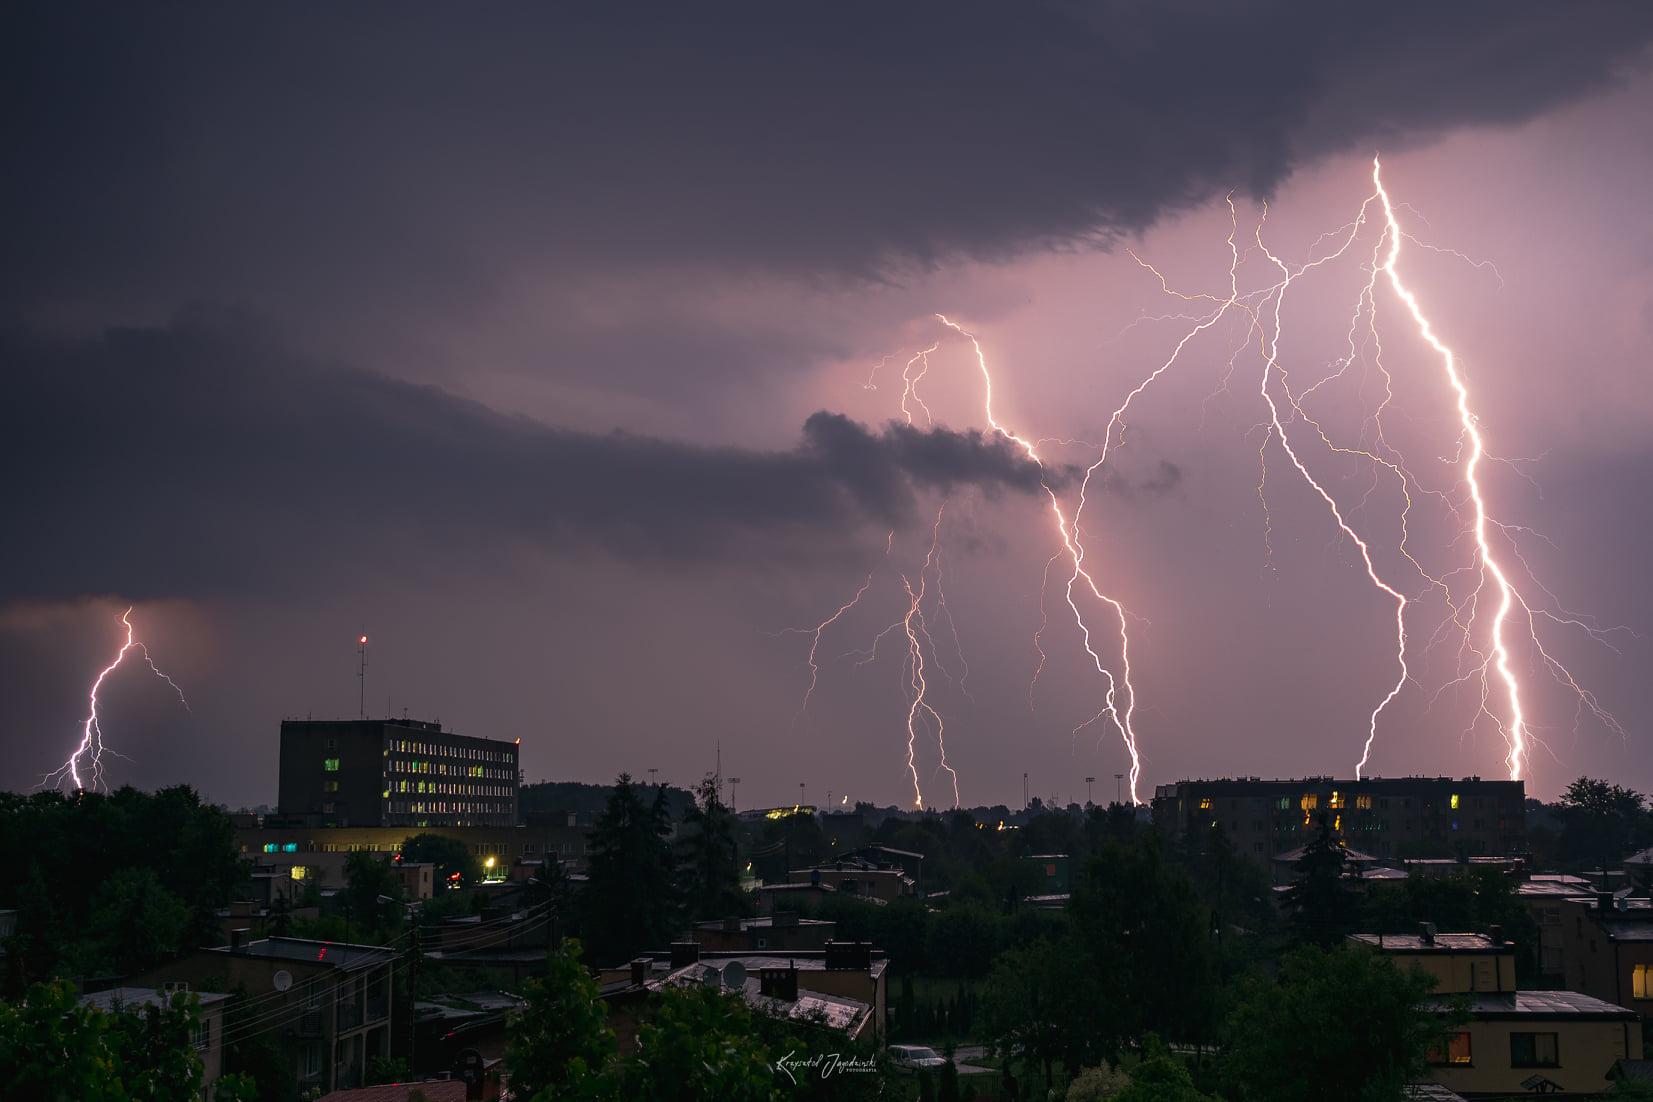 Nadciągają kolejne burze. Wydano ostrzeżenie dla powiatu kutnowskiego - Zdjęcie główne